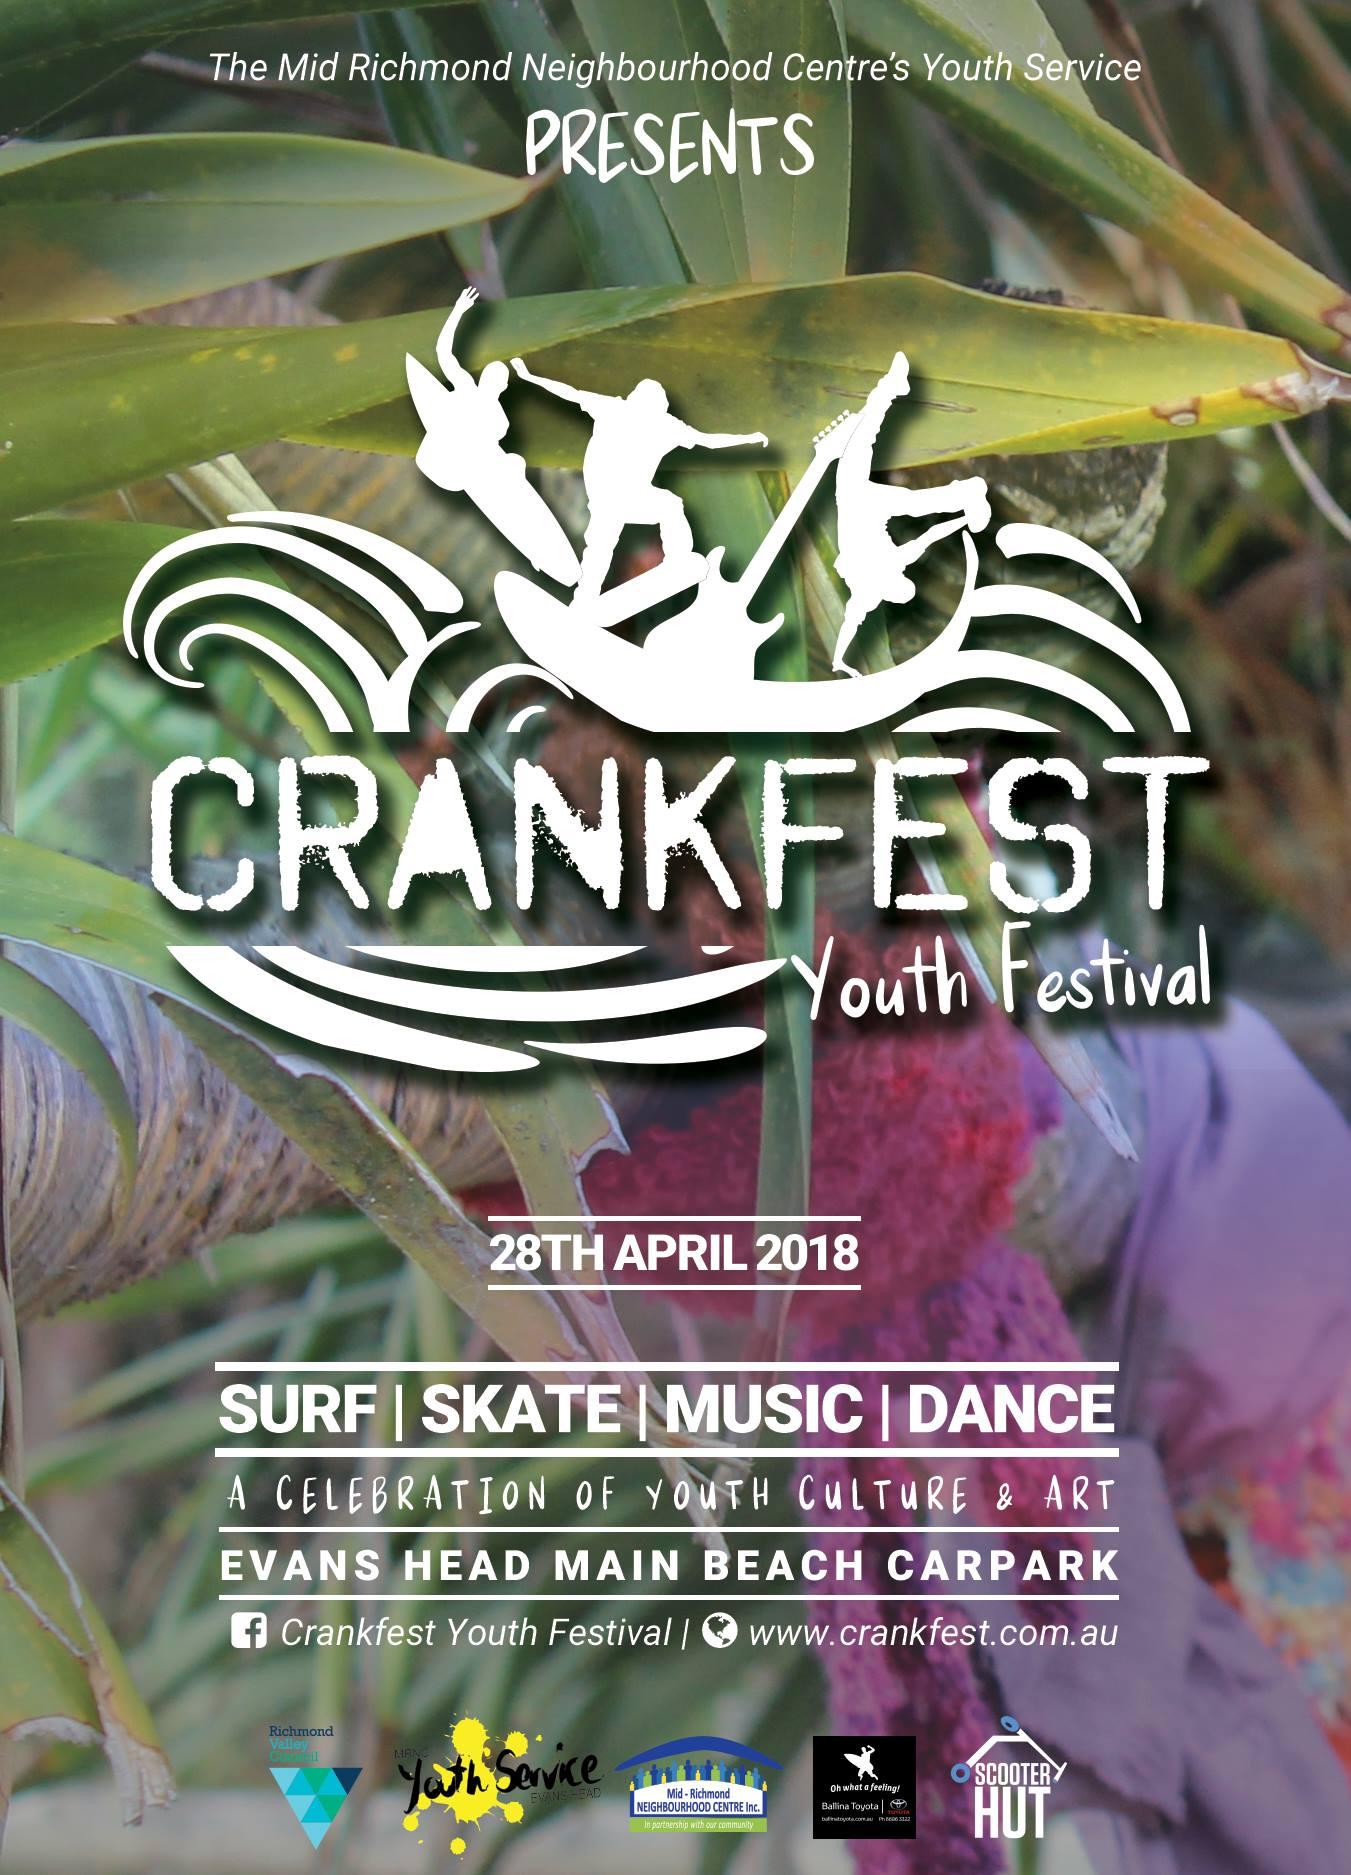 Crankfest 2018